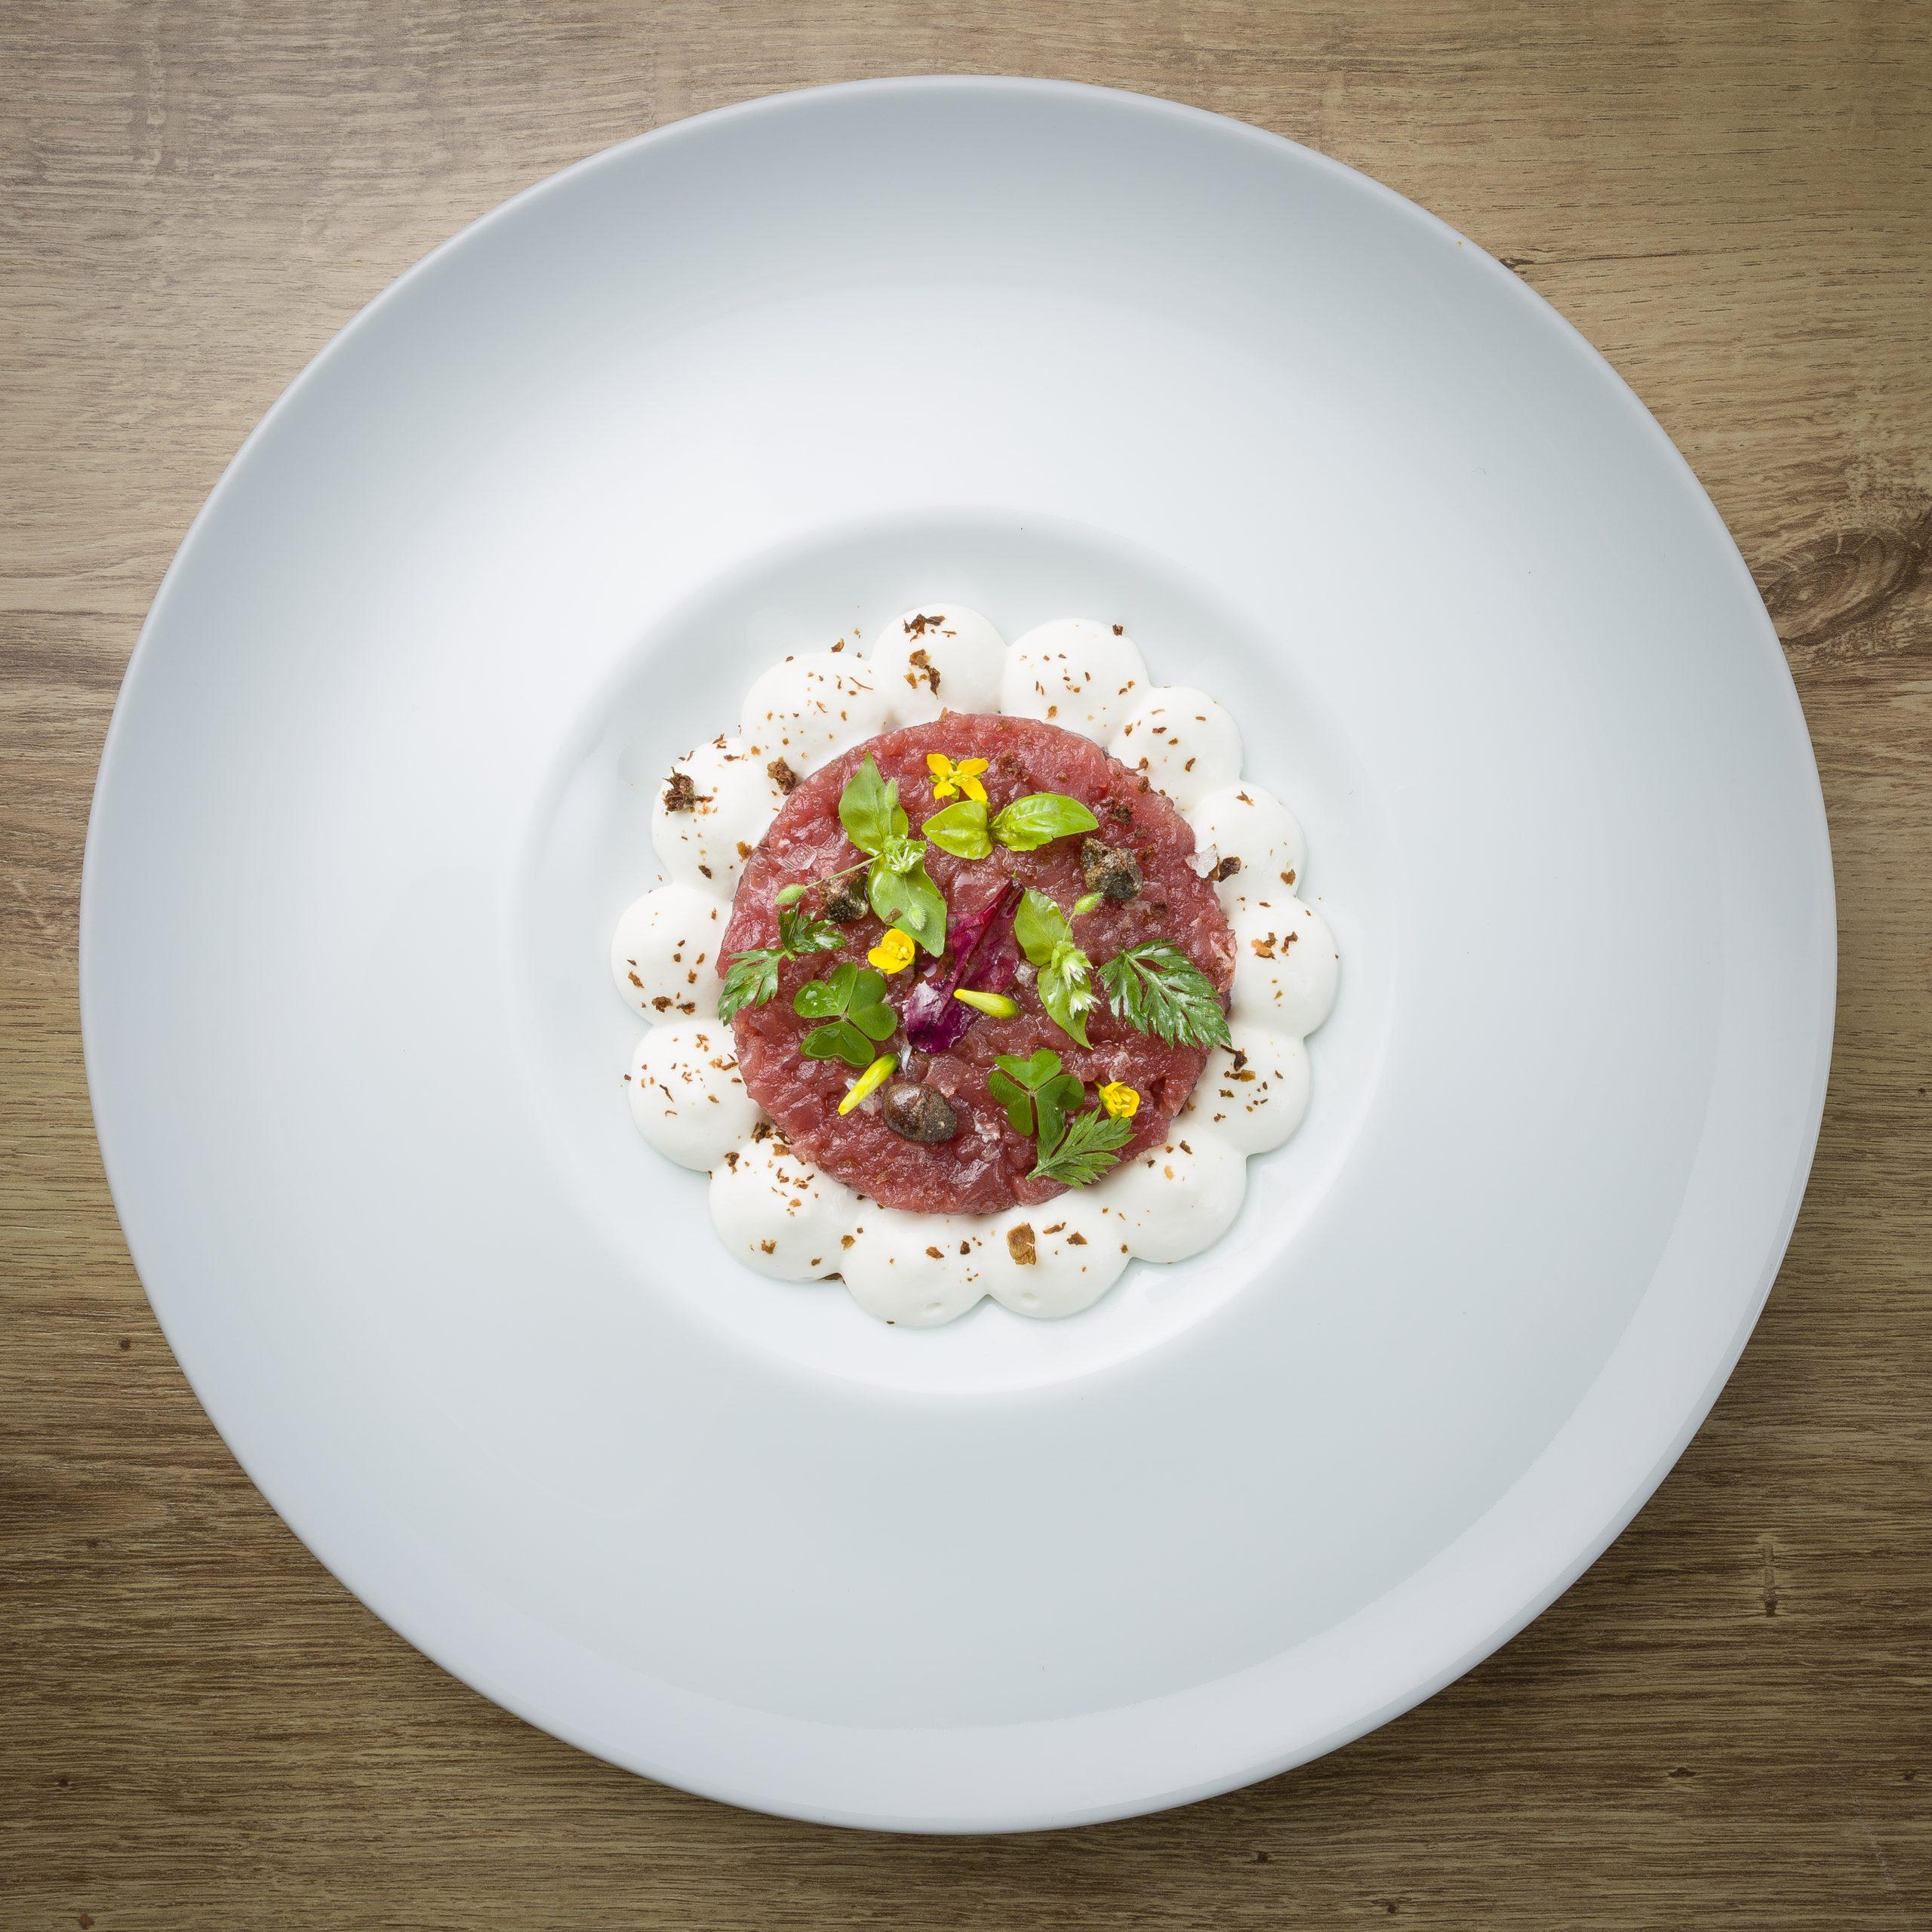 luigi-pomata-chef-carlofortino-tartar-di-tonno-rosso